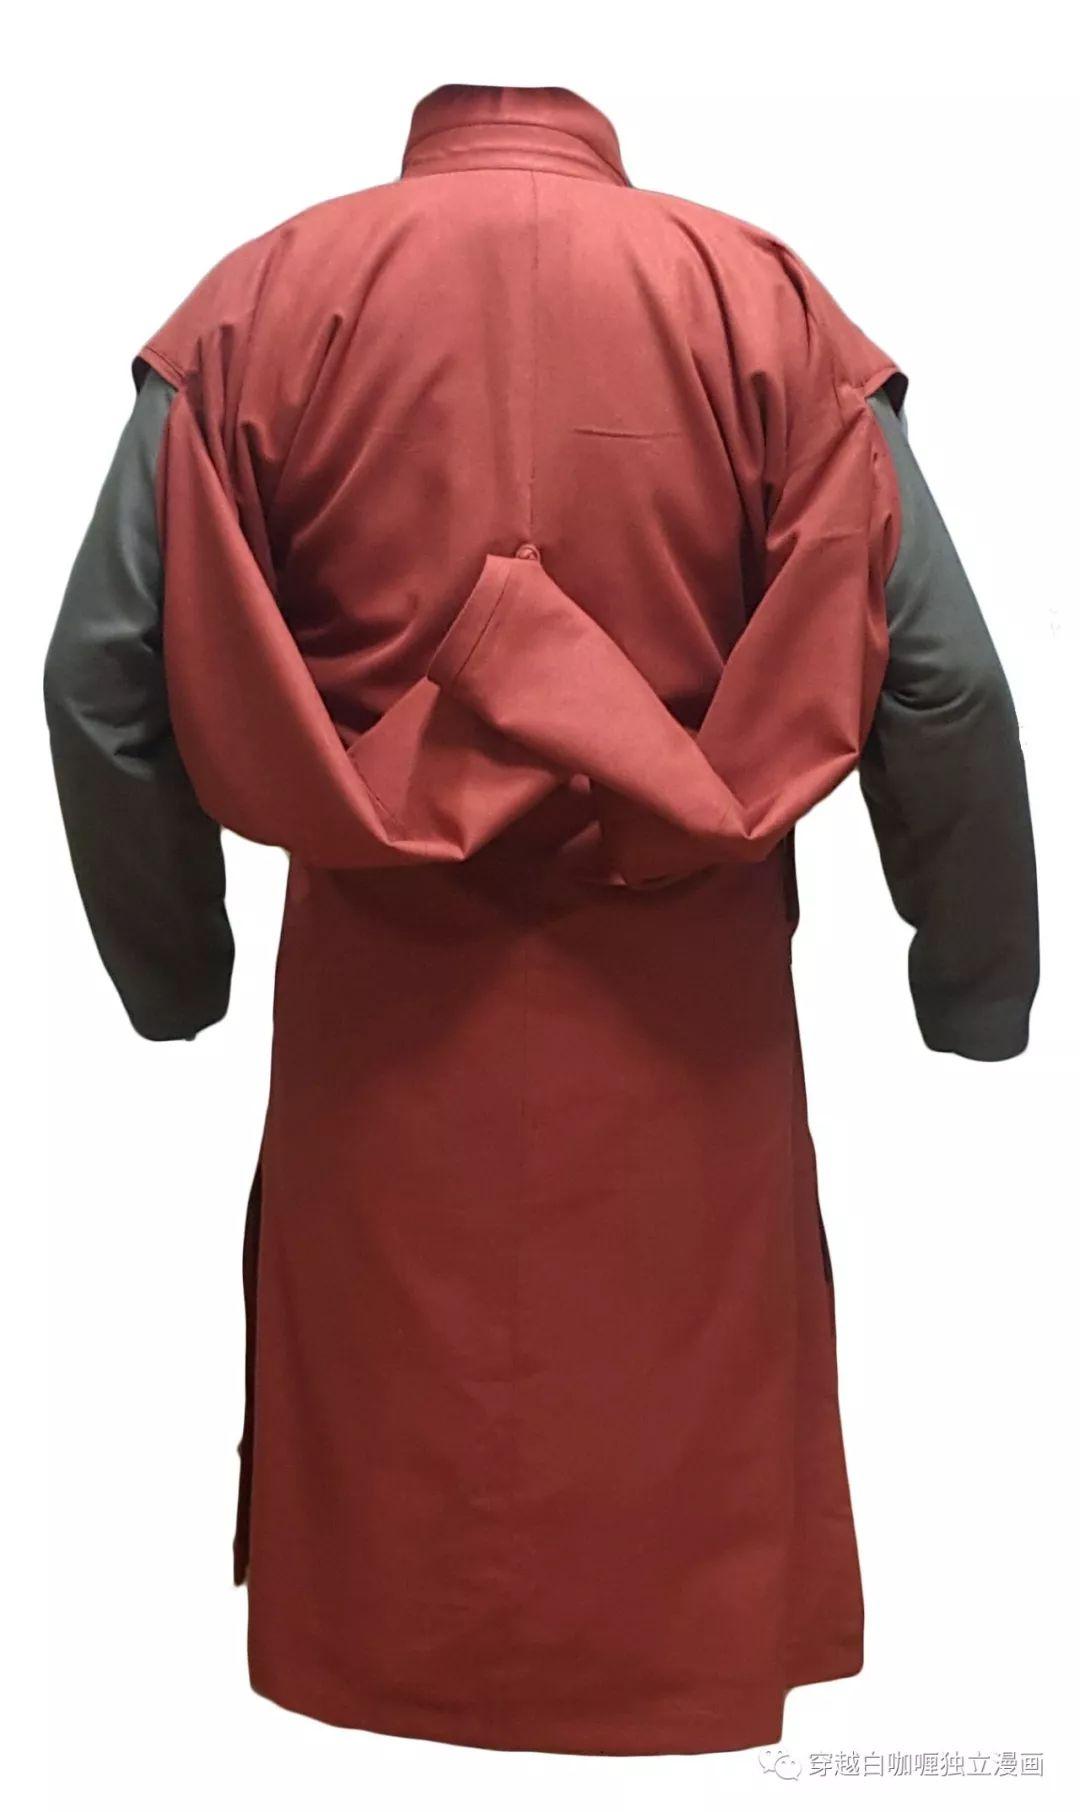 【蒙古文化】什么是蒙古袍? ᠳᠡᠪᠡᠯᠤᠨ ᠲᠤᠬᠠᠢ 第28张 【蒙古文化】什么是蒙古袍? ᠳᠡᠪᠡᠯᠤᠨ ᠲᠤᠬᠠᠢ 蒙古服饰